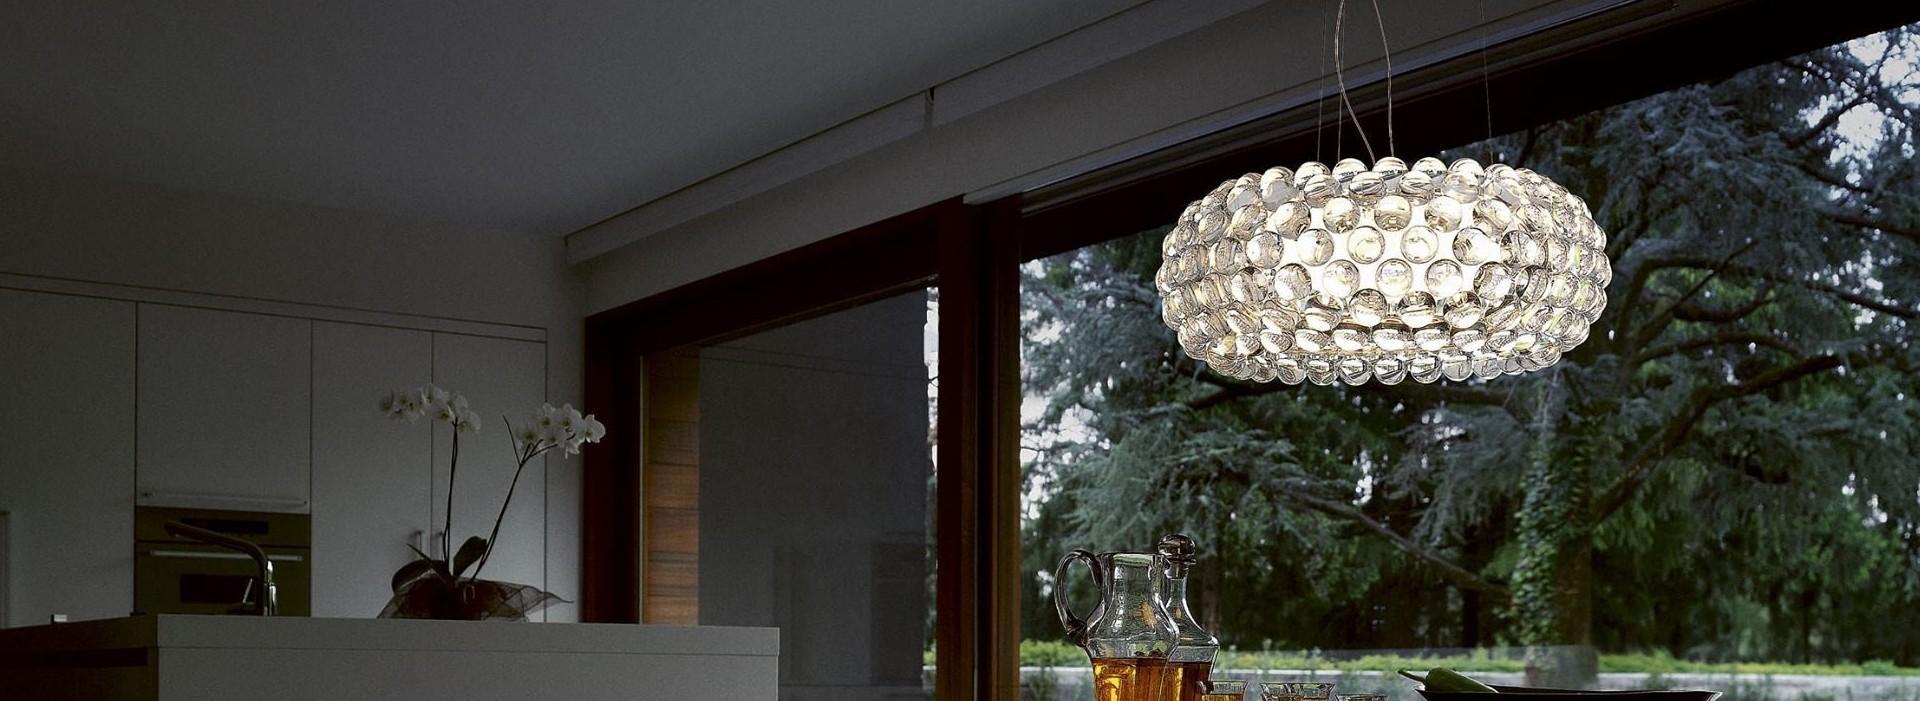 Caboche Lámpara Colgante Grande Transparente